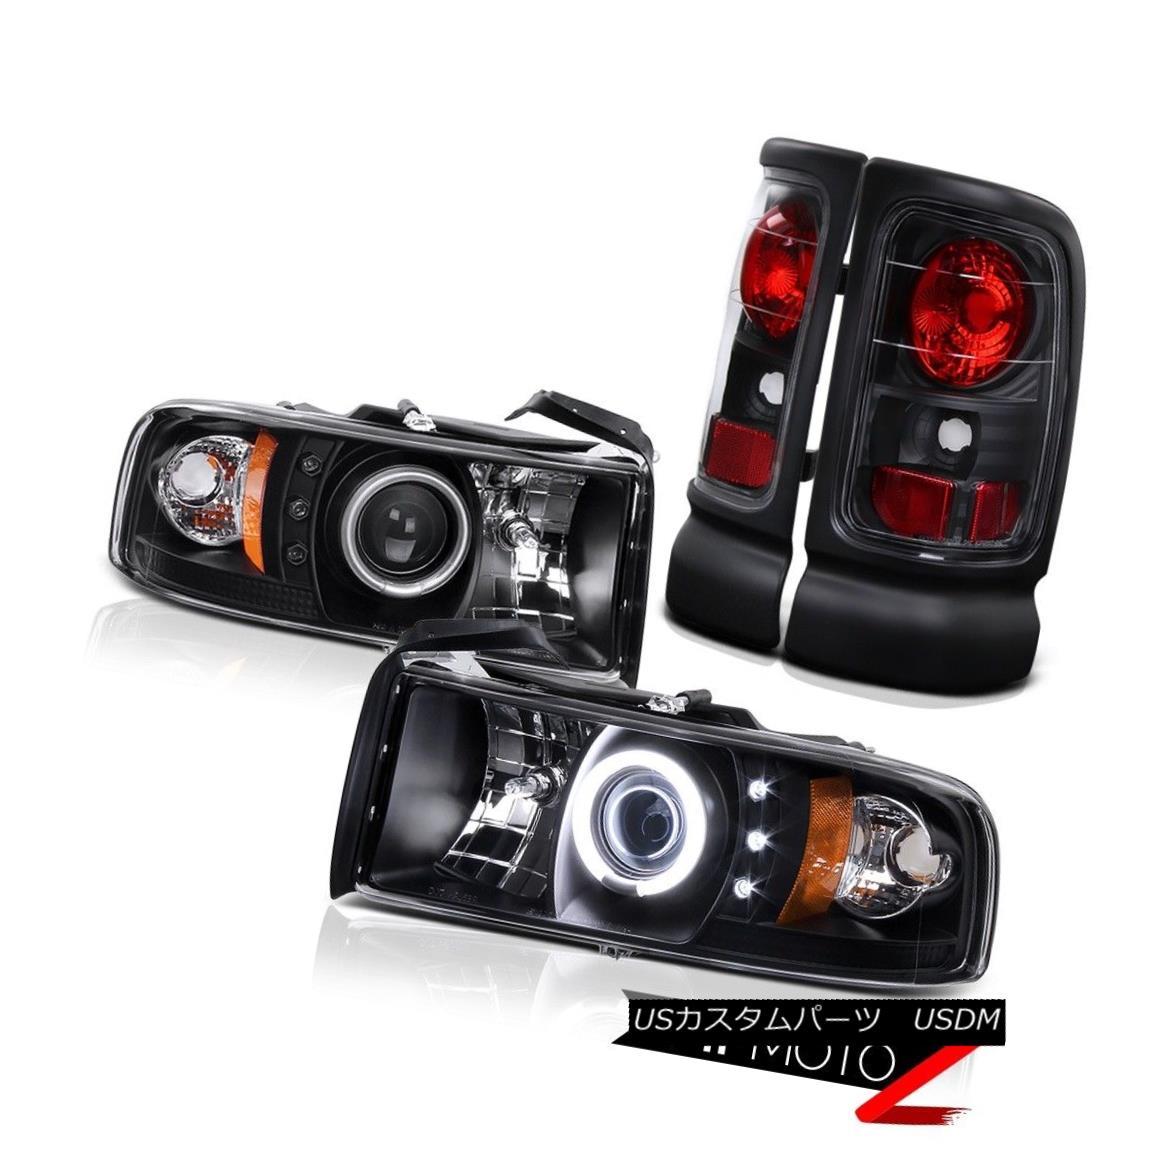 テールライト CCFL Angel Eye Projector Black Headlight+Tail Light Brake Lamp DODGE RAM 94-01 CCFLエンジェルアイプロジェクターブラックヘッドライト+テールライトブレーキランプDODGE RAM 94-01